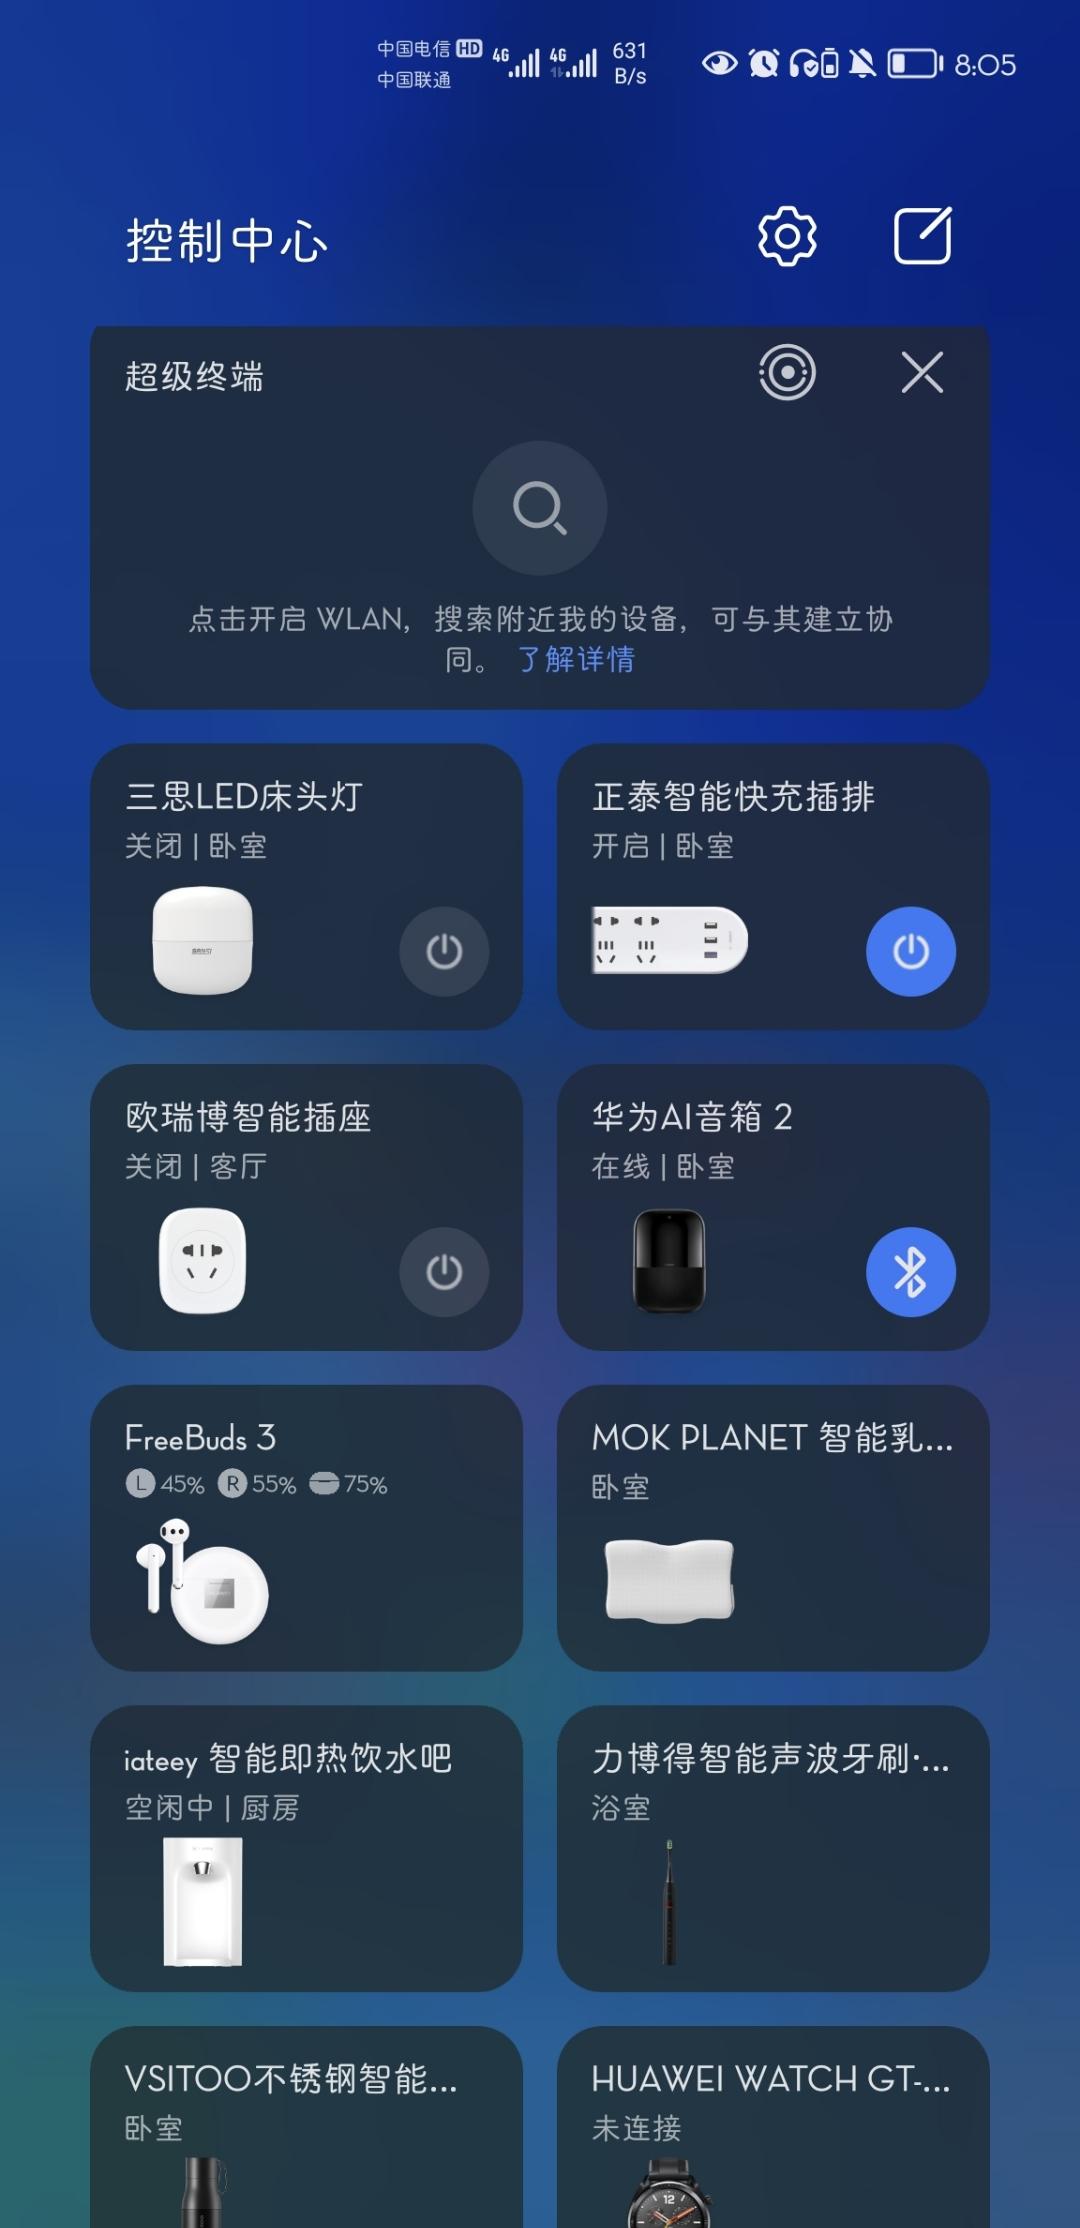 Screenshot_20210629_080548_com.huawei.android.launcher.jpg